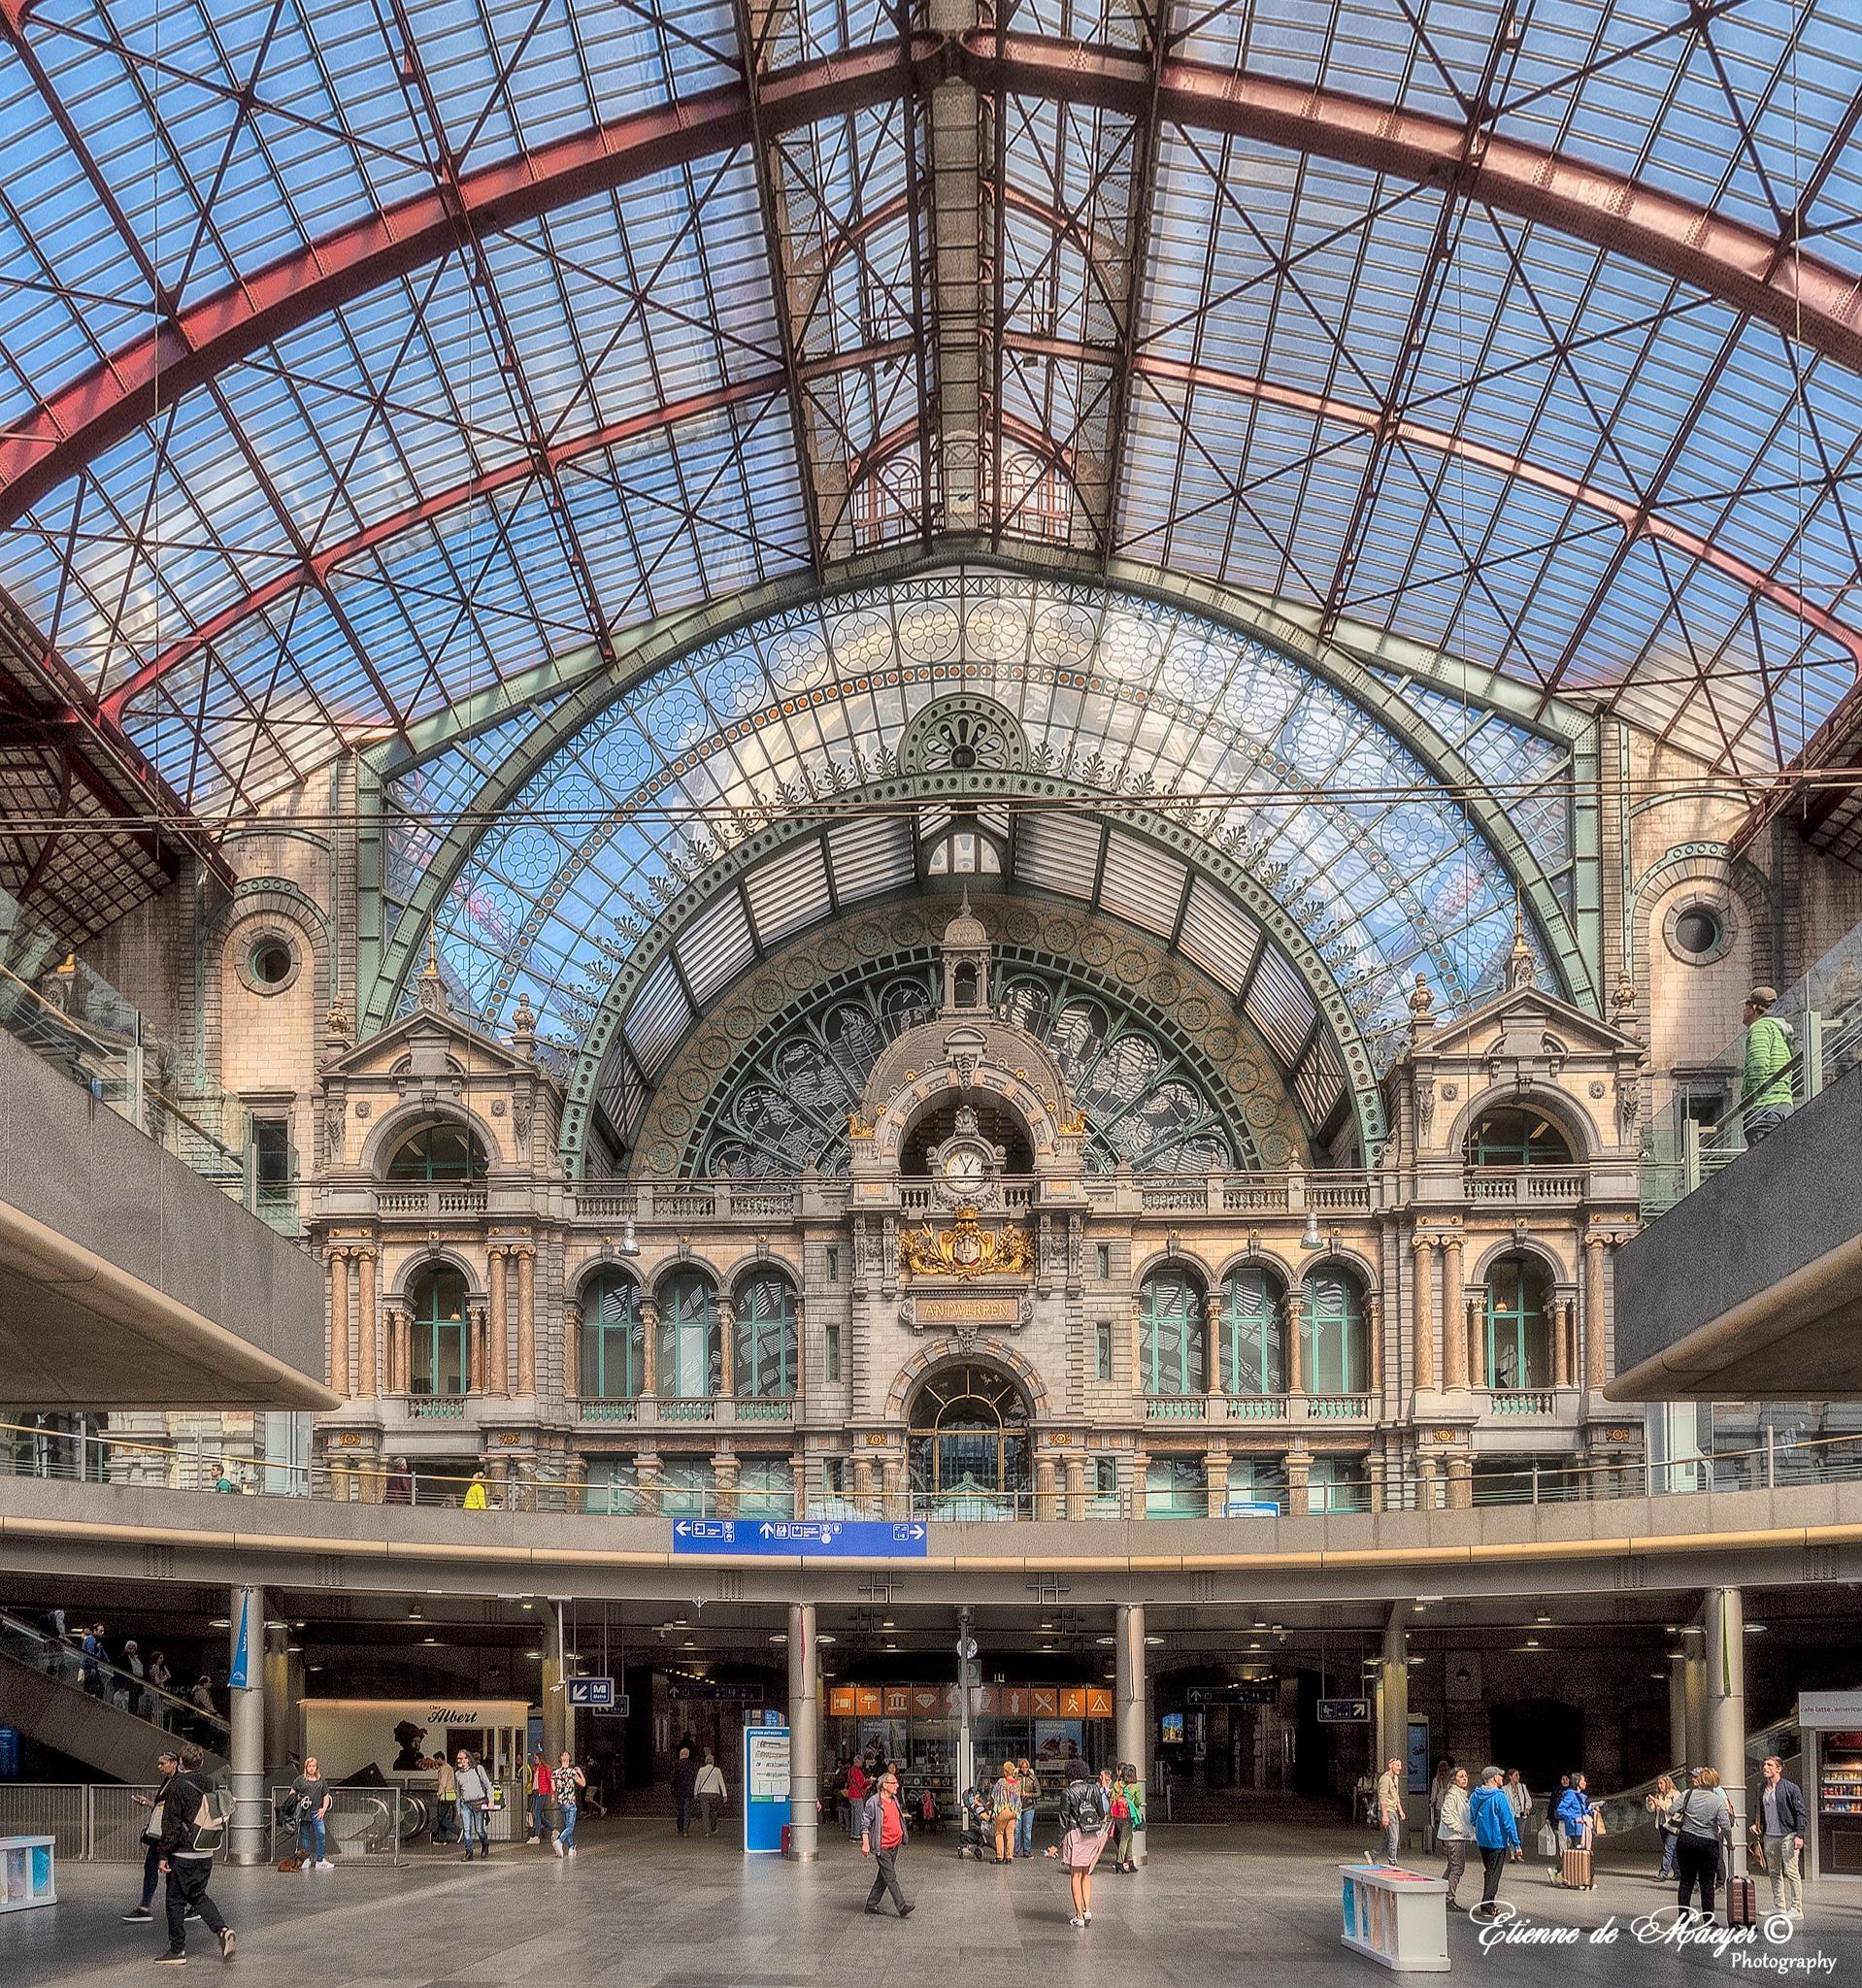 Antwerpen Centraal Station by Etienne de Maeyer